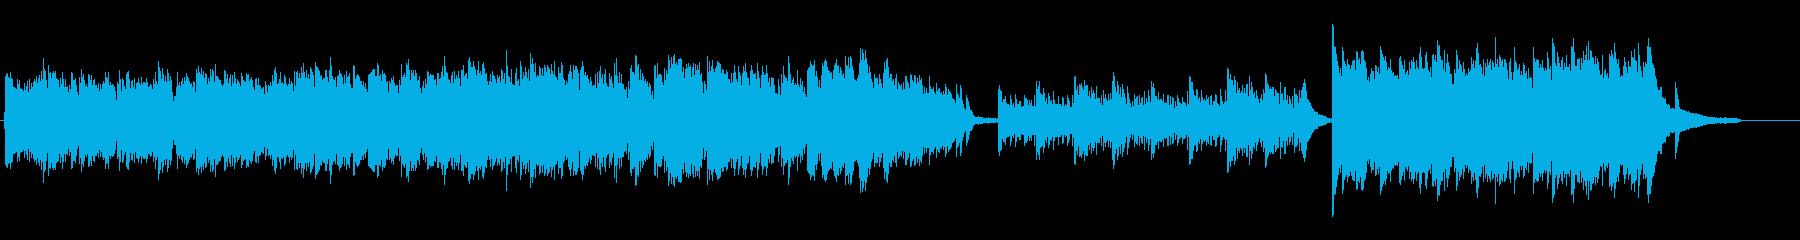 【ピアノソロ】懐かしさ_優しさ_暖かさの再生済みの波形